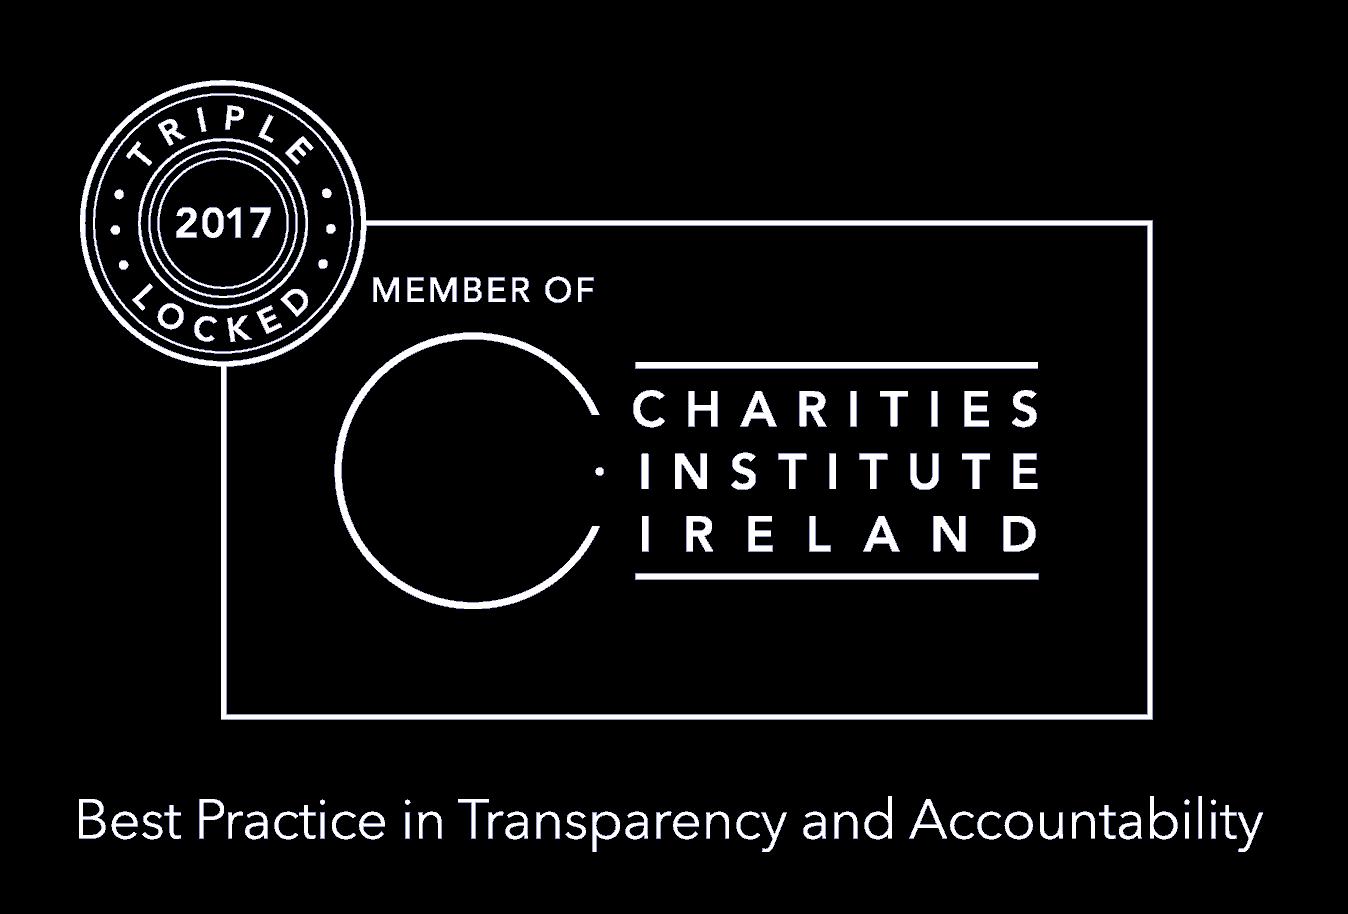 Galway simon charity institute ireland